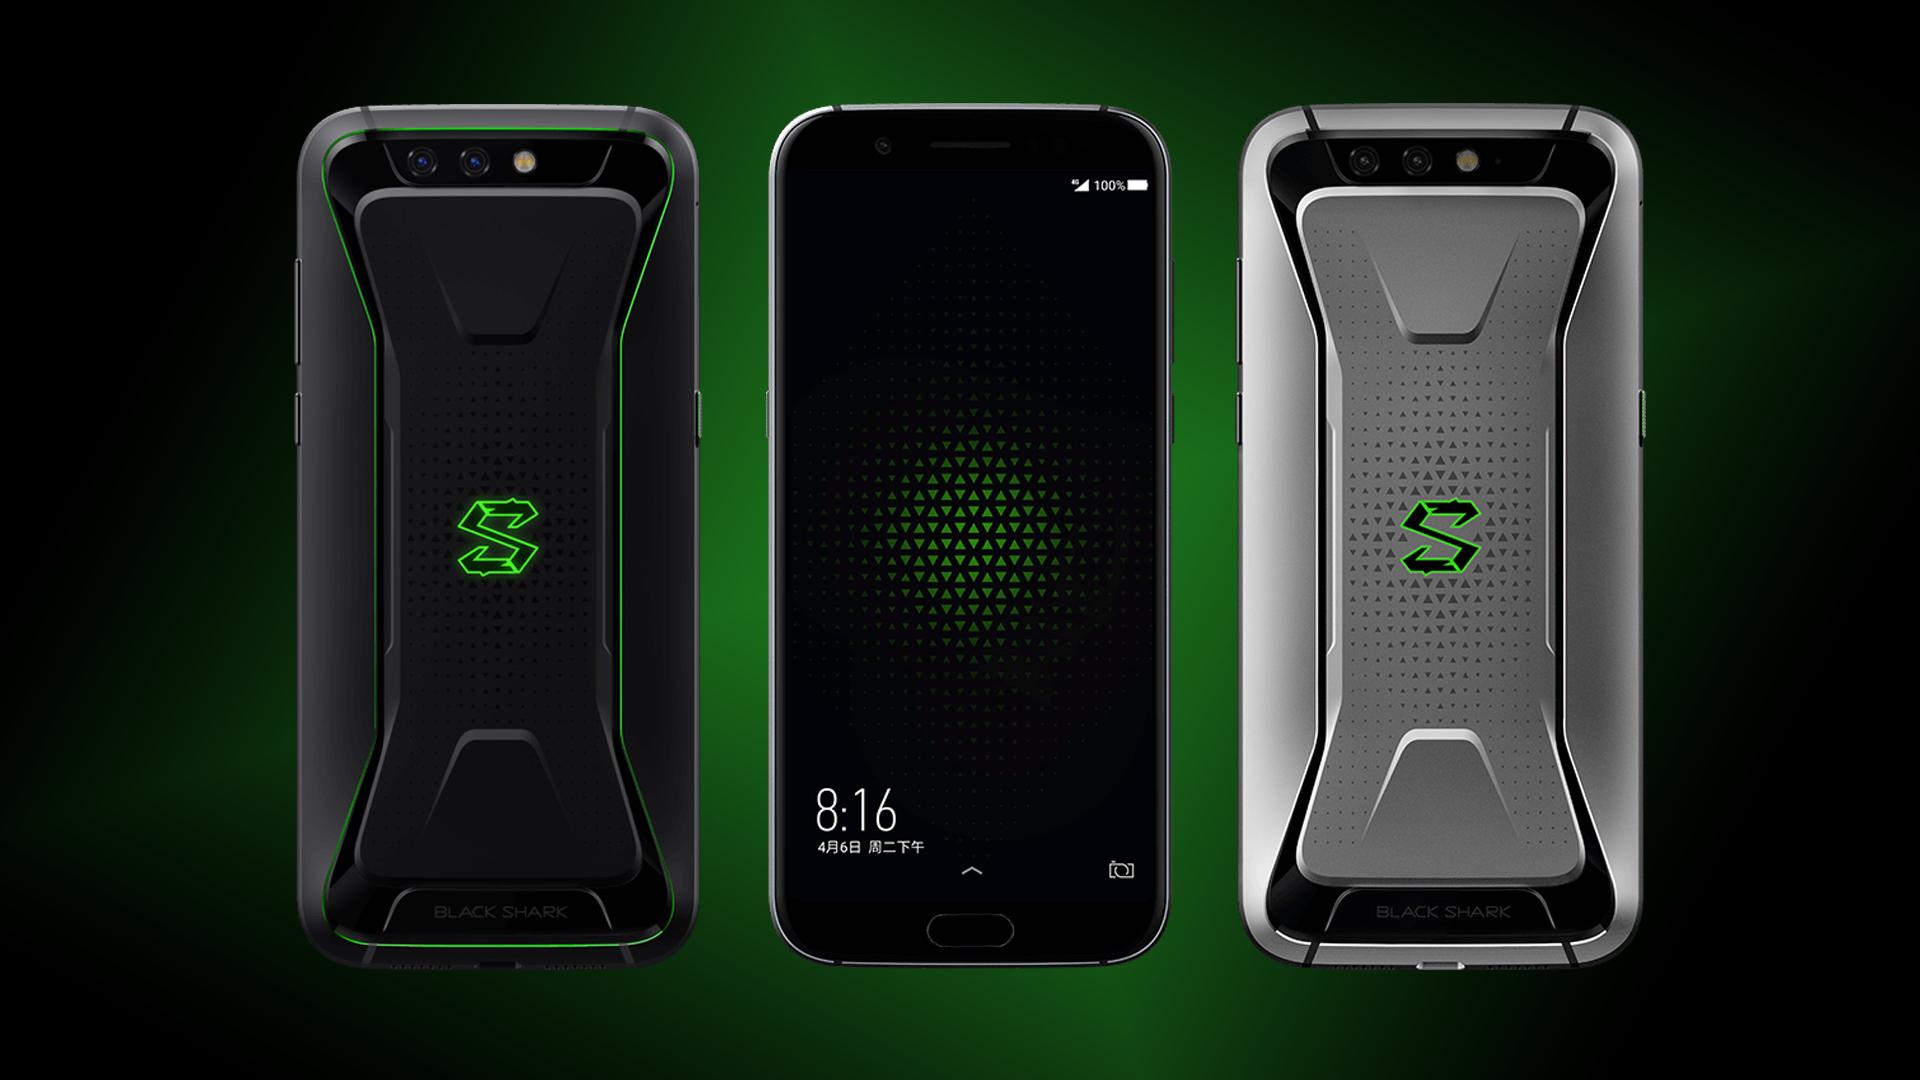 Tout sur le Black Shark, le smartphone ultime pour les gamers ()